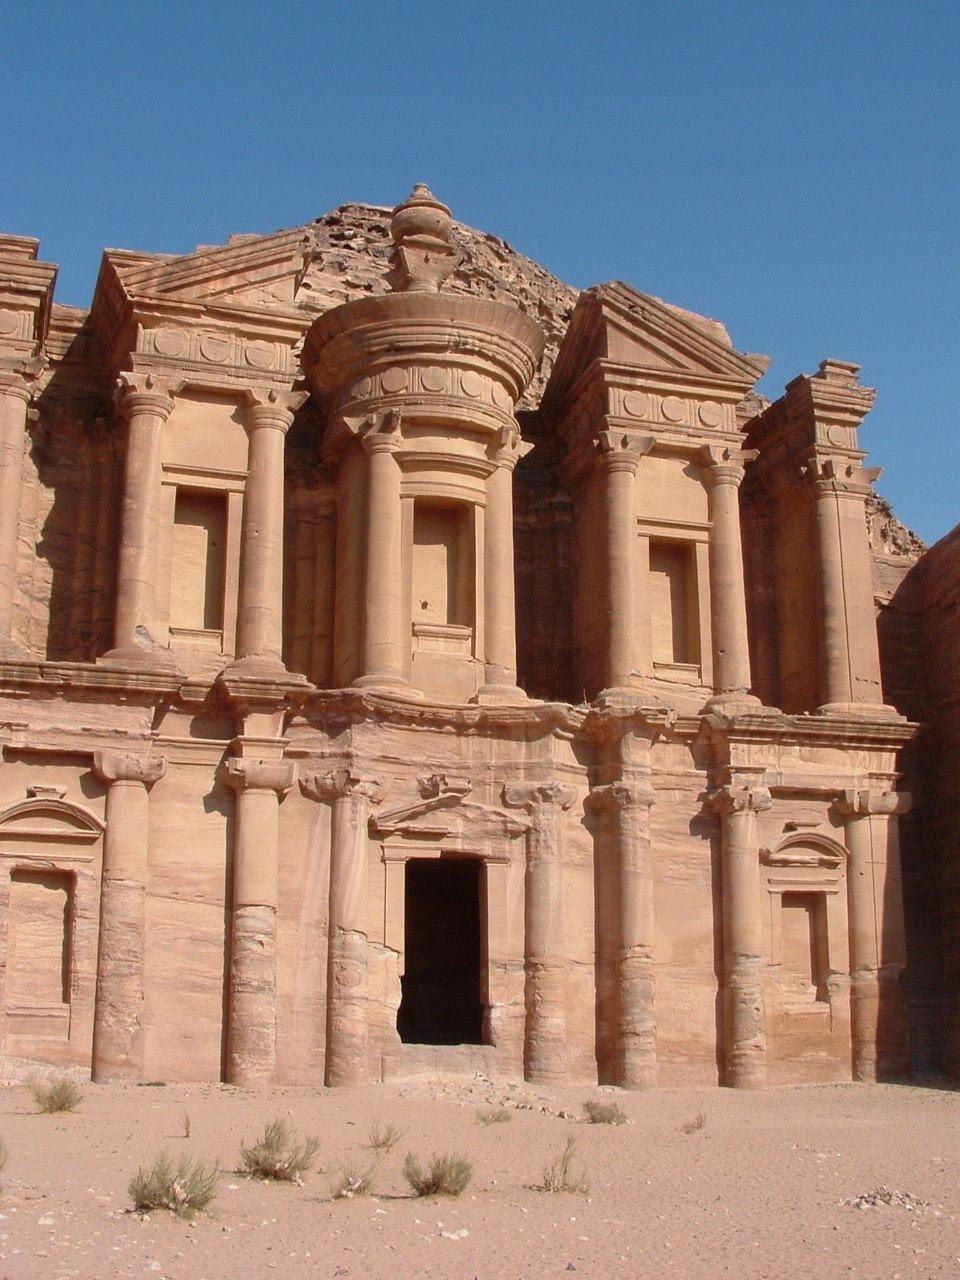 Jordanie: Petra